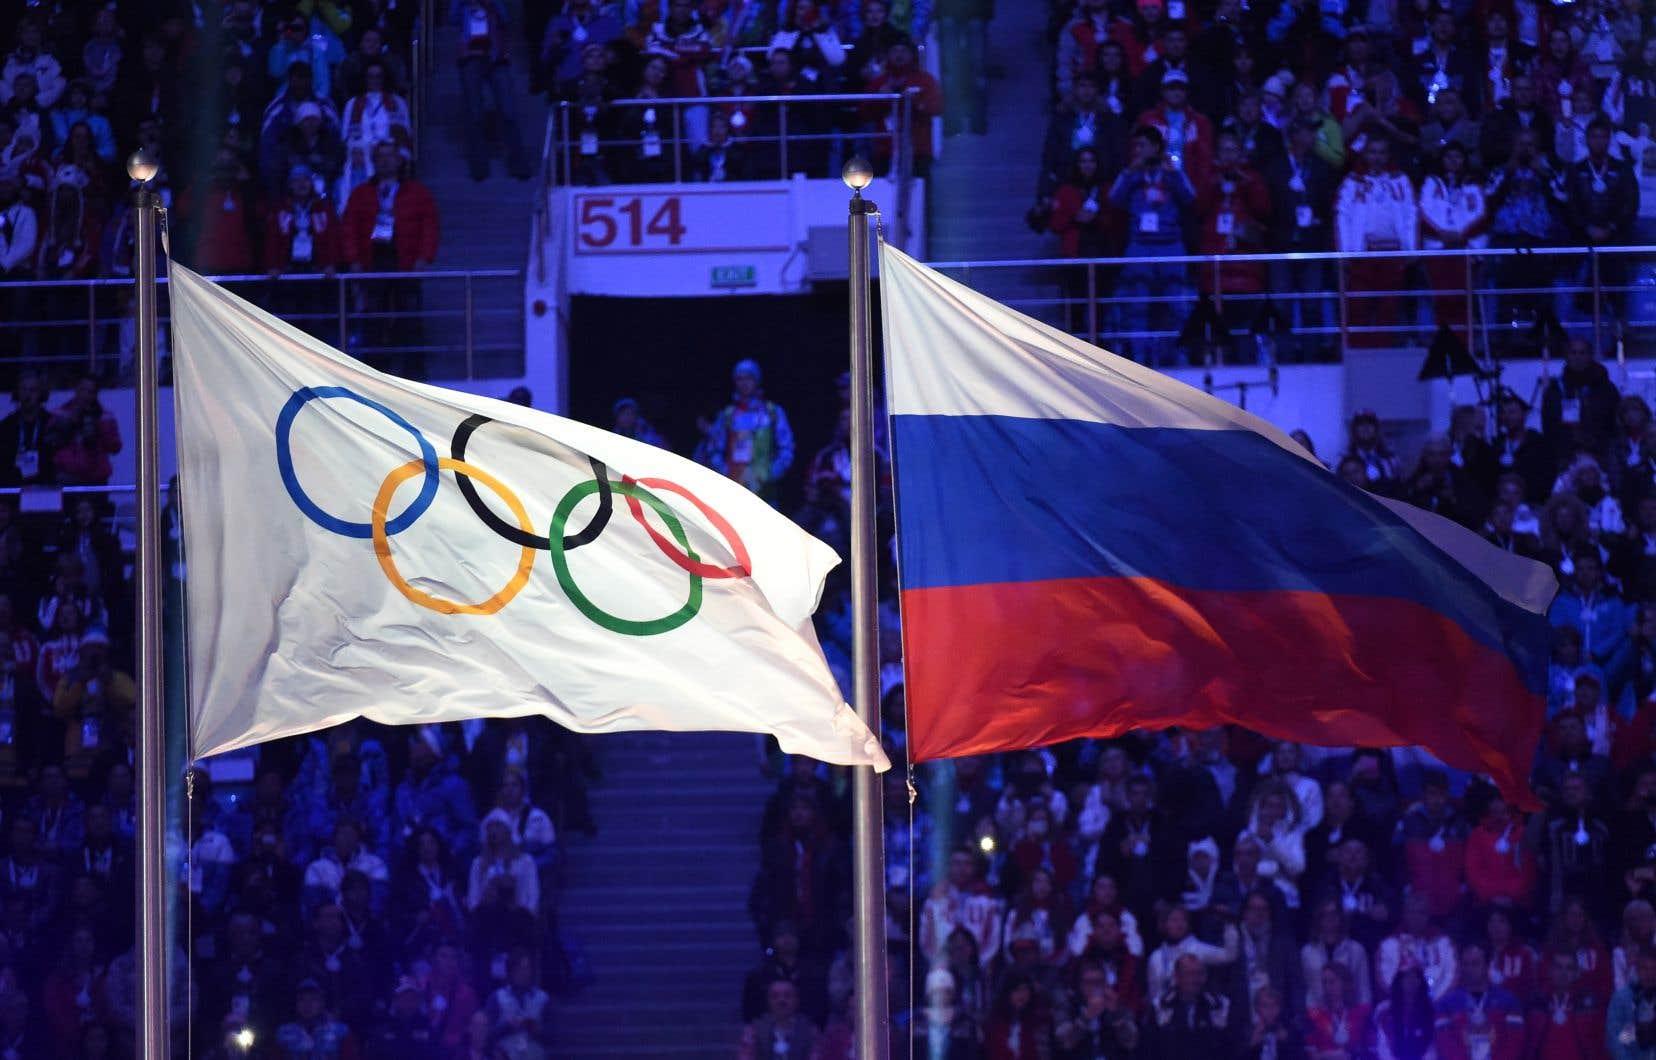 La Russie sera écartée des Jeux olympiques de Tokyo qui auront l'été prochain au Japon et des Jeux olympiques de Pékin qui seront disputés à l'hiver 2022 en Chine.